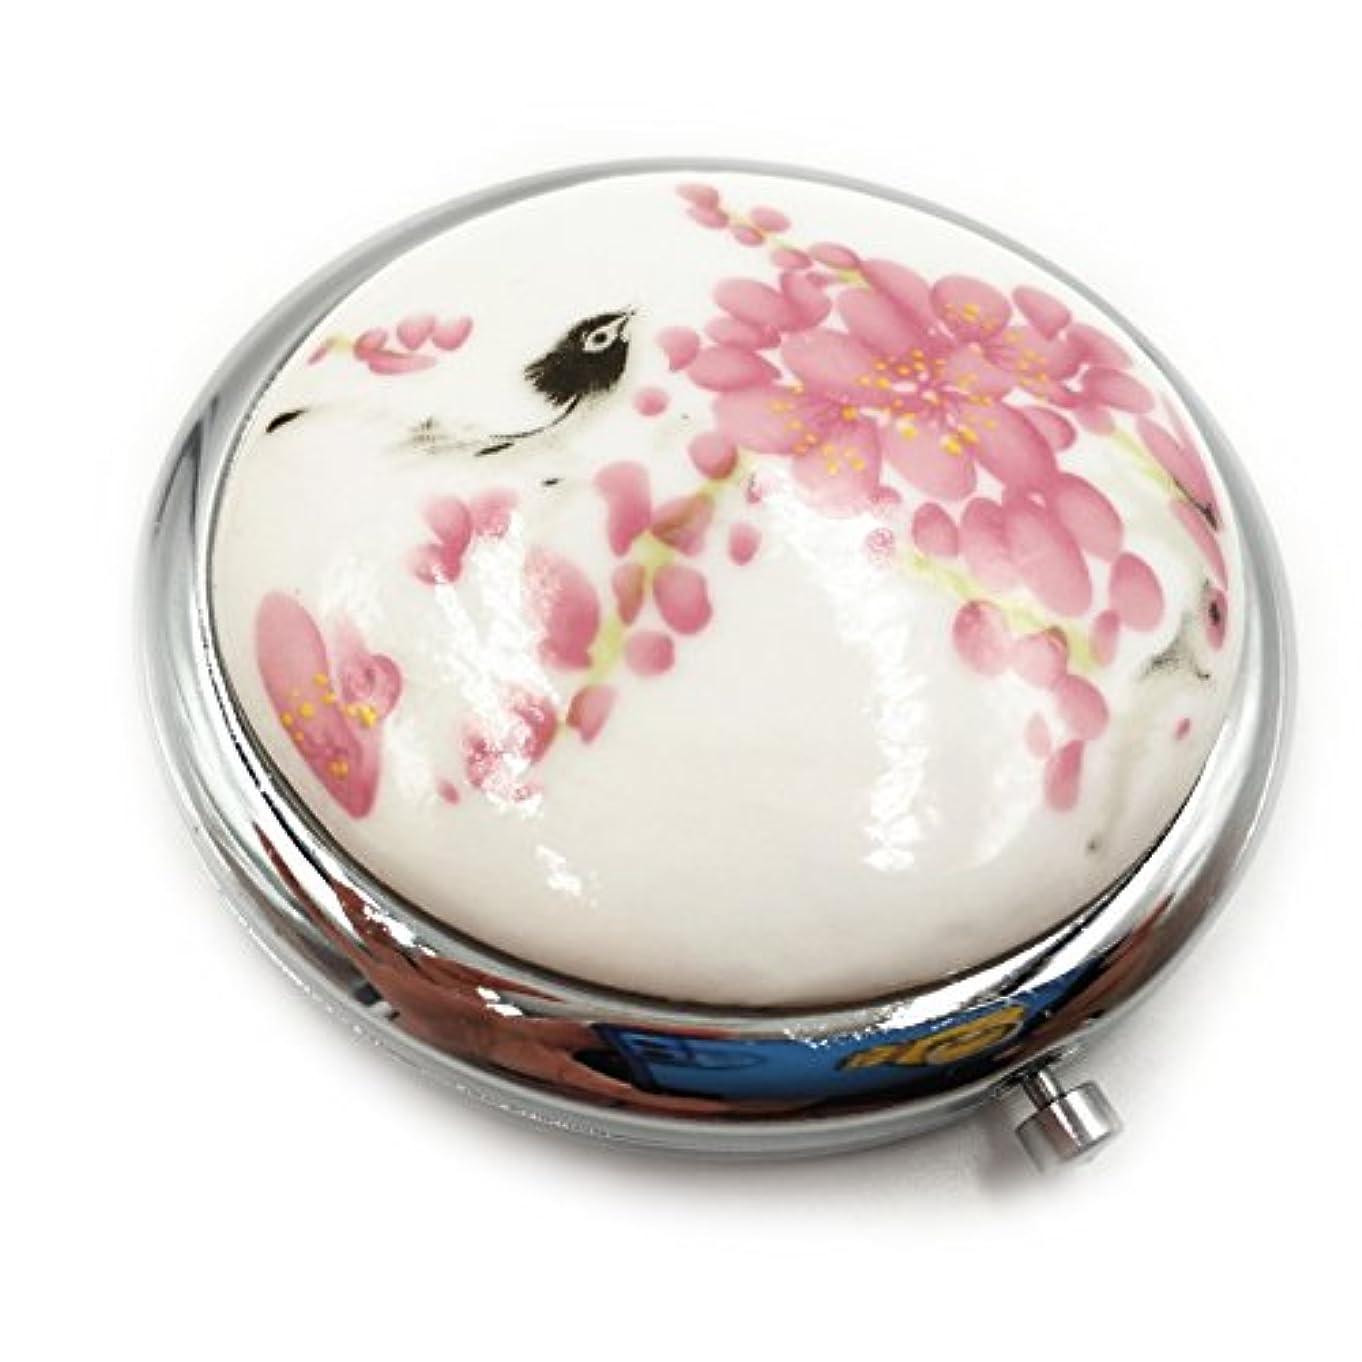 手首名詞処理小さな鏡のセラミック青と白の磁器は、手鏡のハンドメイドの土産物を拡大鏡でポータブルの洗面化粧鏡を両面バッグポケット用かわいい鏡中国スタイルの小さなもの